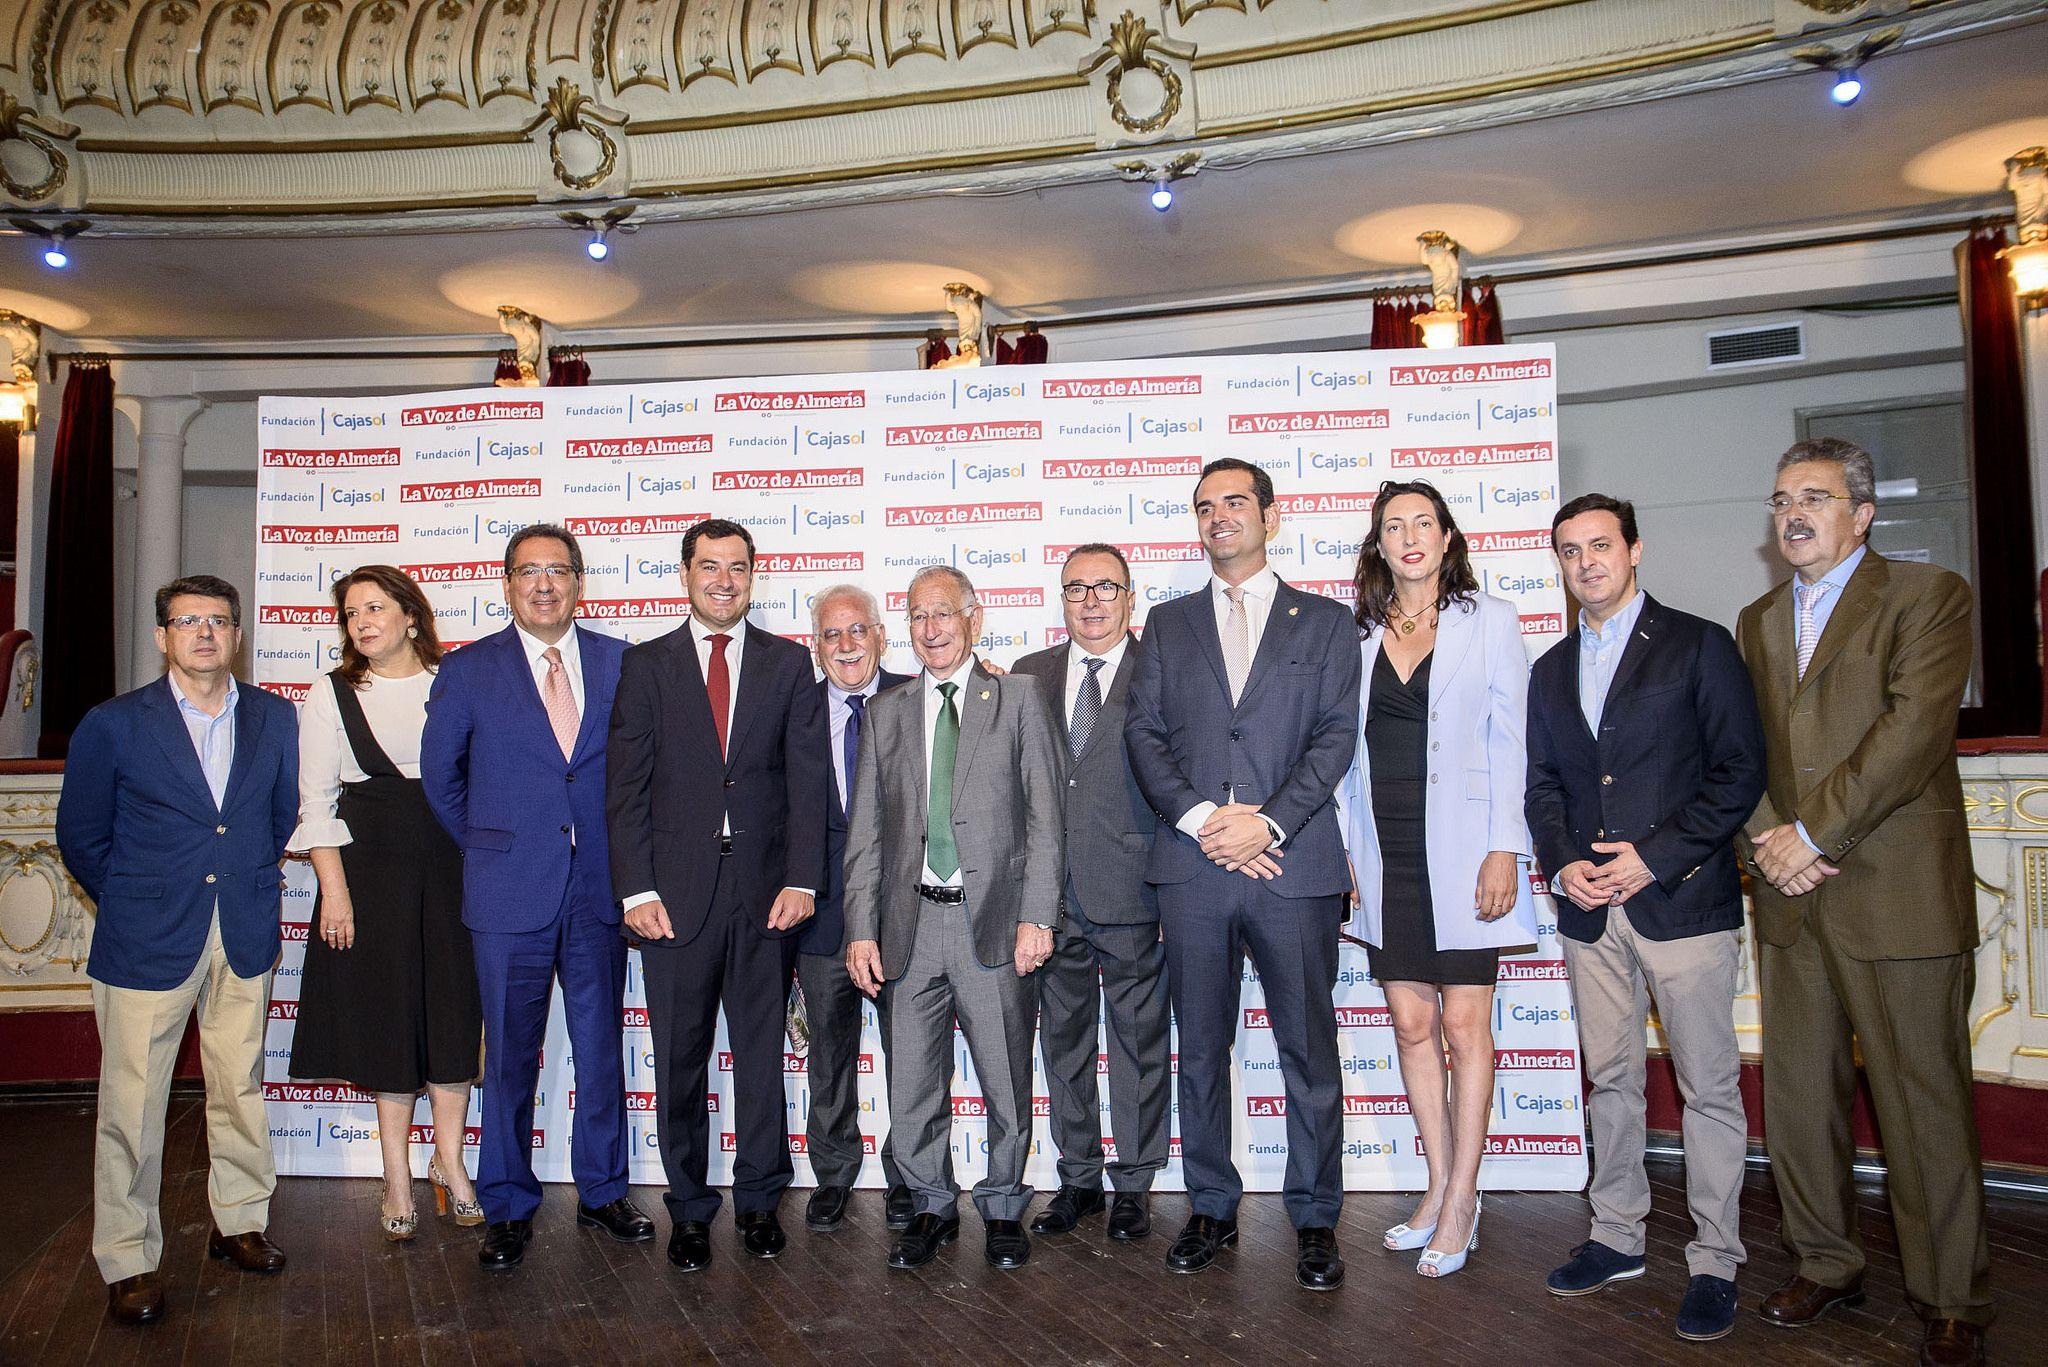 Antonio Pulido, Presidente de la Fundación Cajasol, en el Desayuno La Voz de Almería con el Presidente del PP de Andalucía